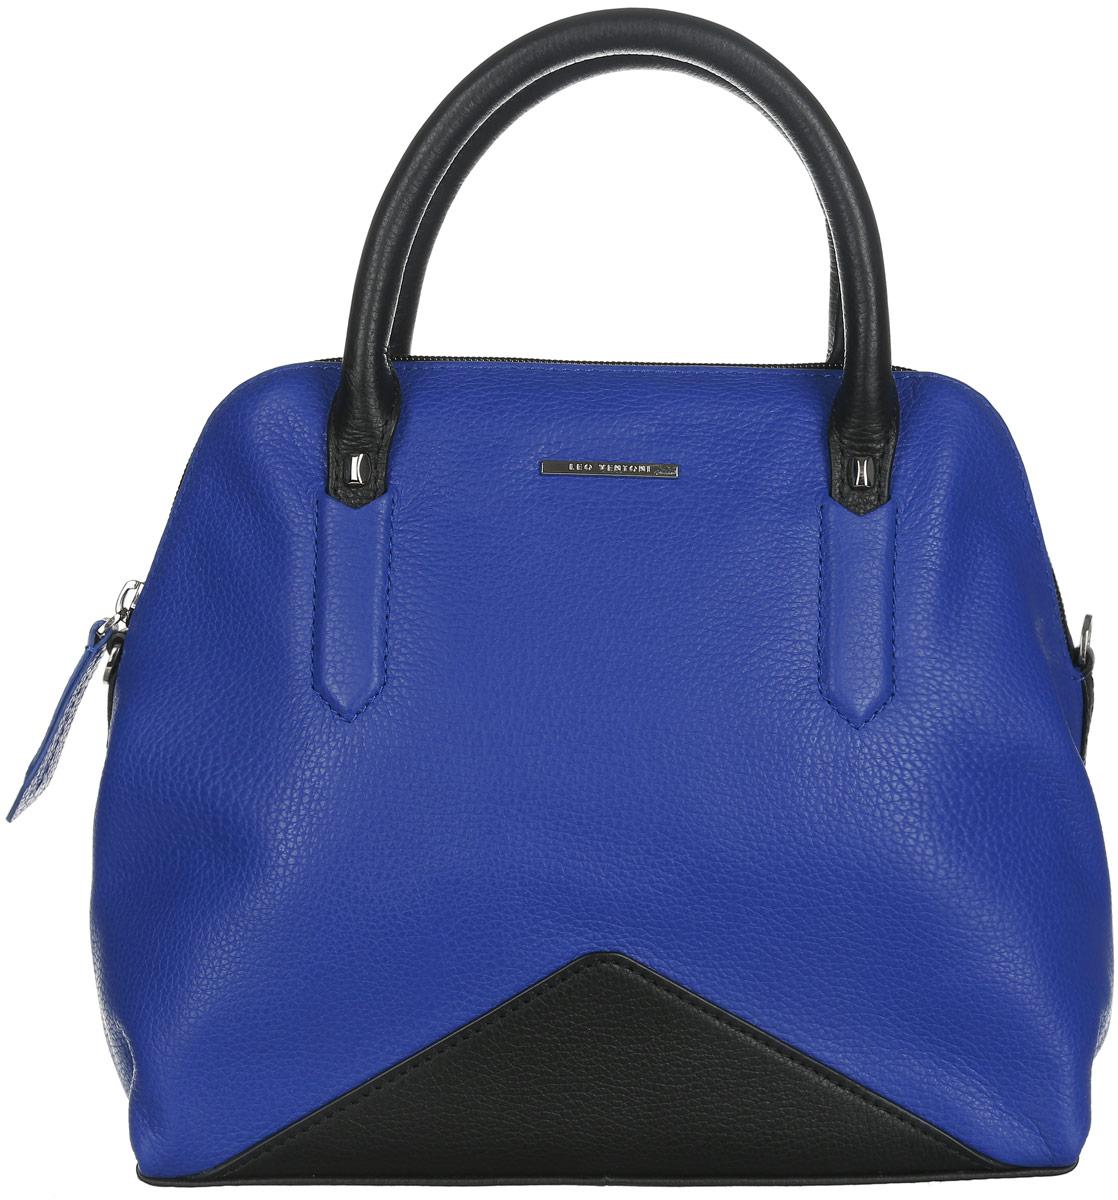 Сумка женская Leo Ventoni, цвет: черный, васильковый. 2300440323004403-blue/neroСтильная женская сумка Leo Ventoni выполнена из натуральной кожи с фактурным тиснением. Изделие содержит одно отделение, которое закрывается на застежку-молнию. Внутри расположено два накладных кармашка для мелочей и врезной карман на молнии. Снаружи, на задней стороне сумки, расположен врезной карман на застежке-молнии. Сумка оснащена удобными ручками и съемным плечевым ремнем. Оригинальный аксессуар позволит вам завершить образ и быть неотразимой.